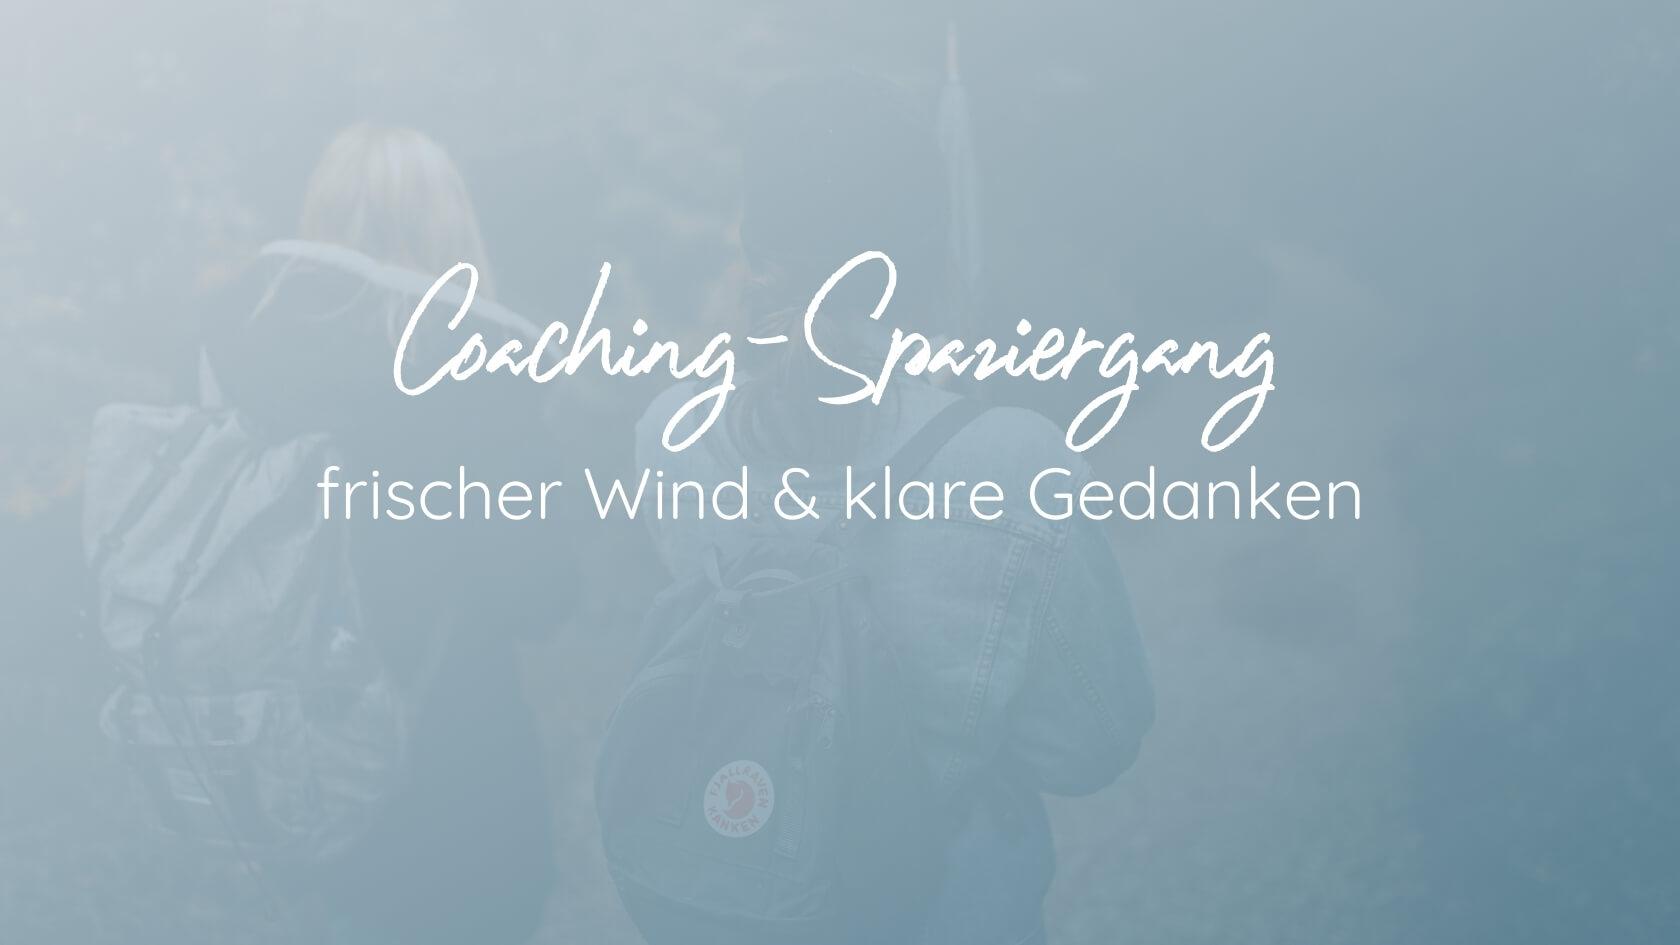 Coaching-Spaziergang: frischer Wind und klare Gedanken